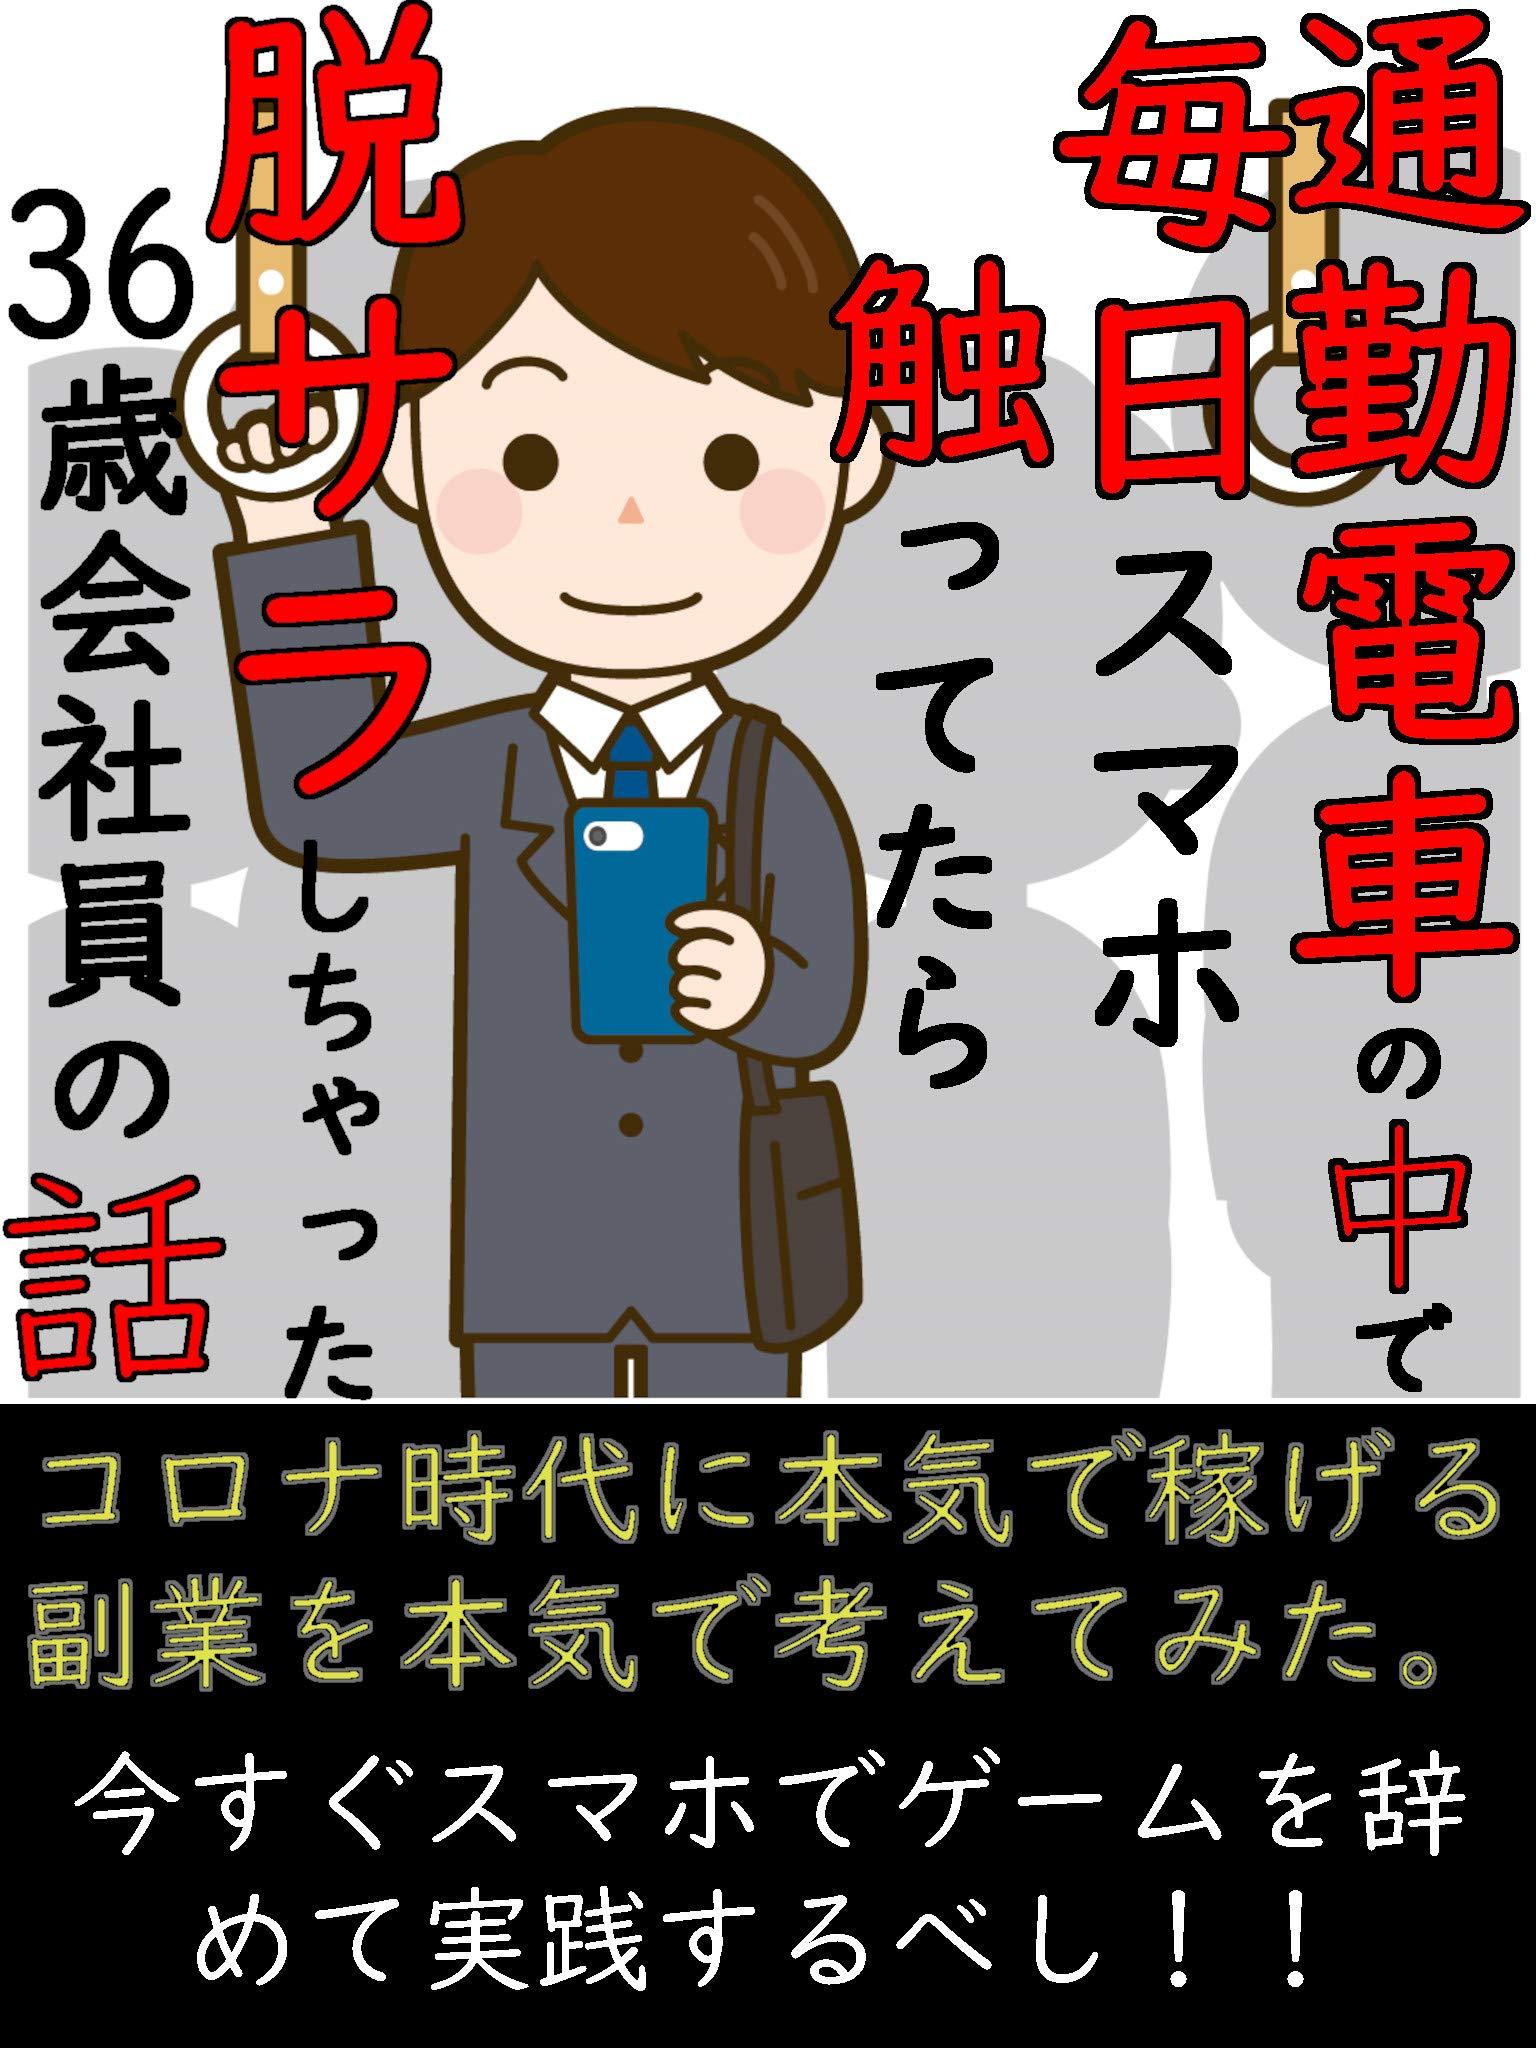 tuukinndennsyanonakadesumahosawatttetaradatusarasityatttasannzyuurokusaikaisyainnnohanasi (Japanese Edition)